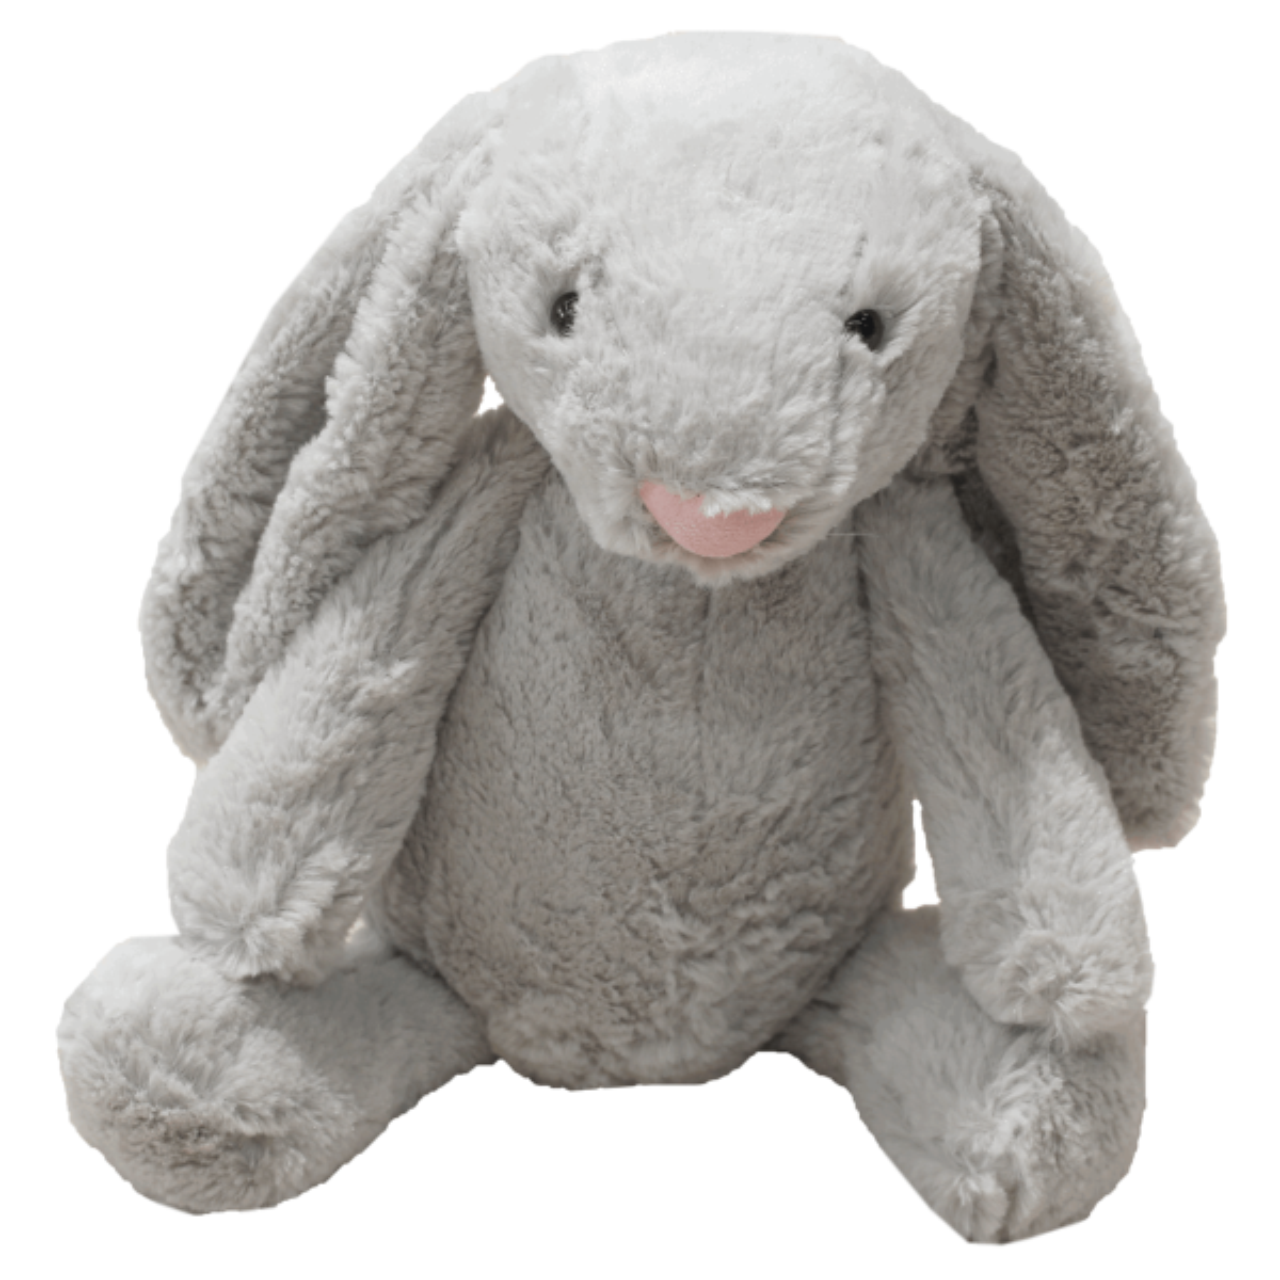 عروسک جلی کت مدل خرگوش 2